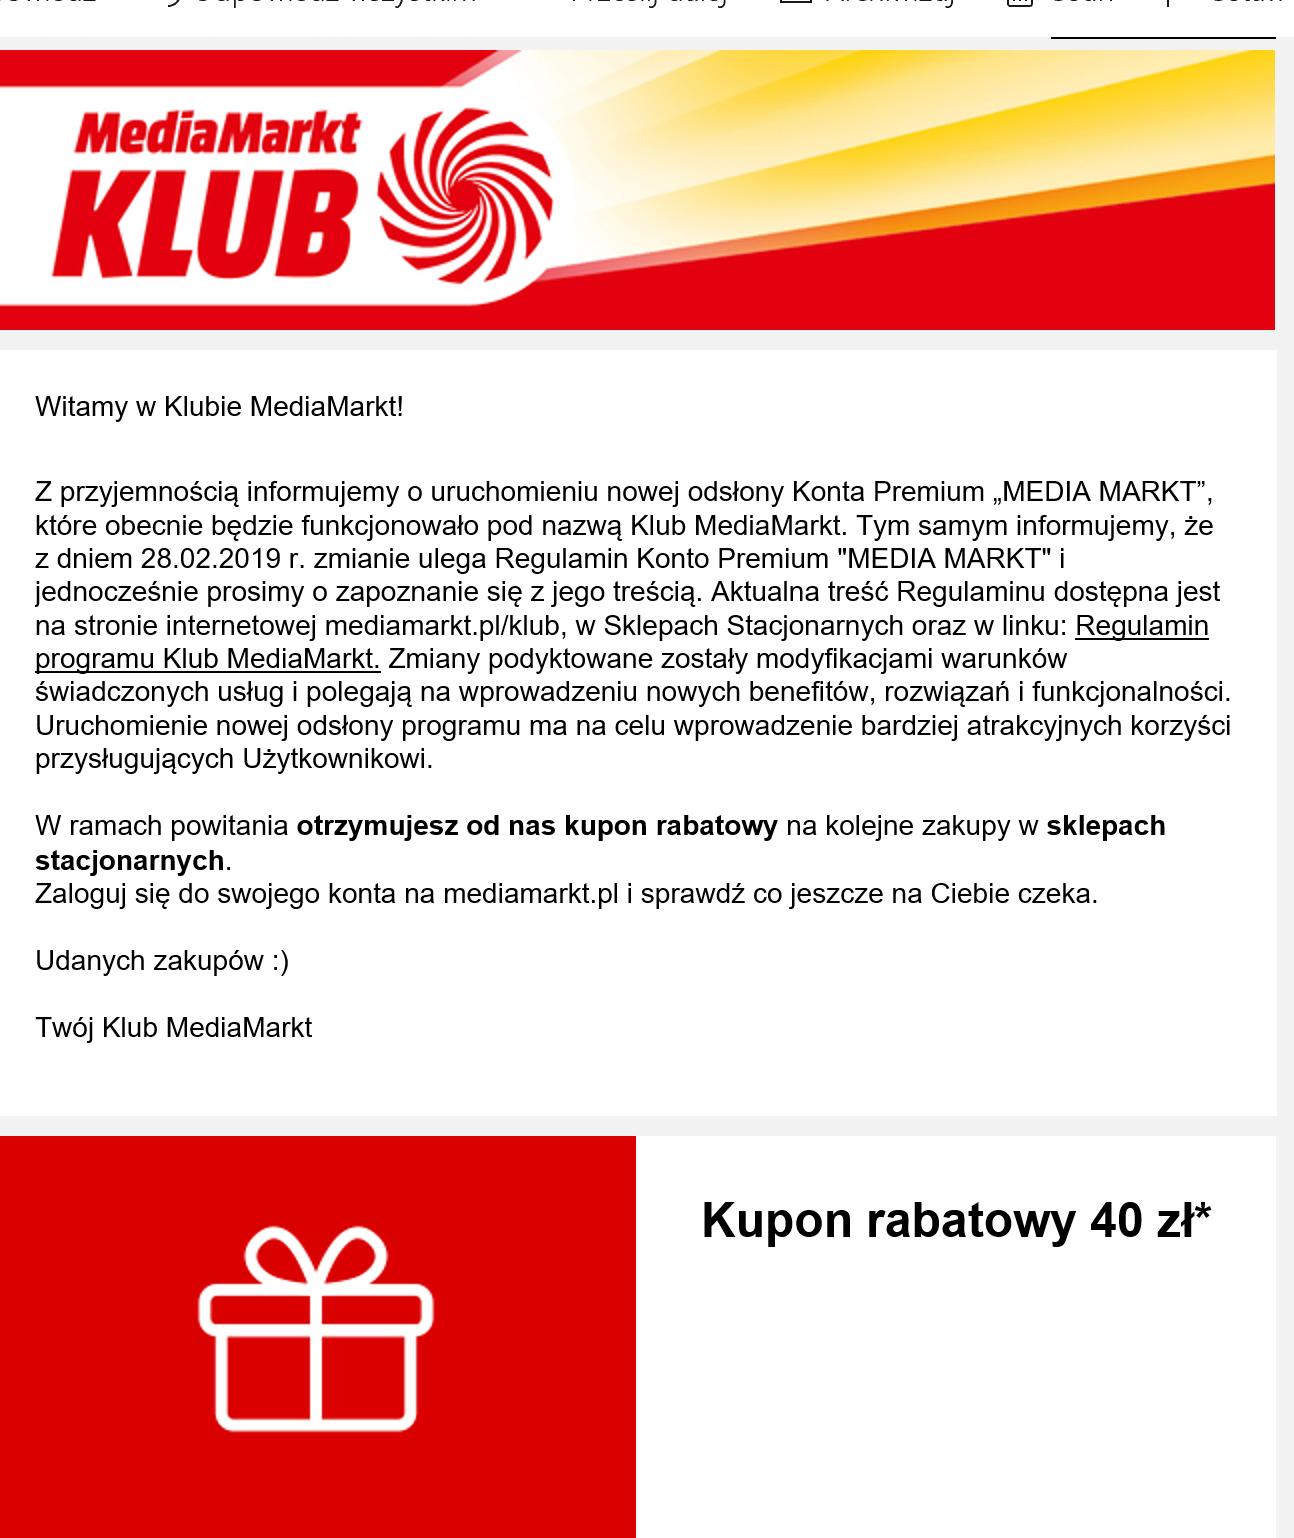 Media Markt - kupon 40zł/240zł